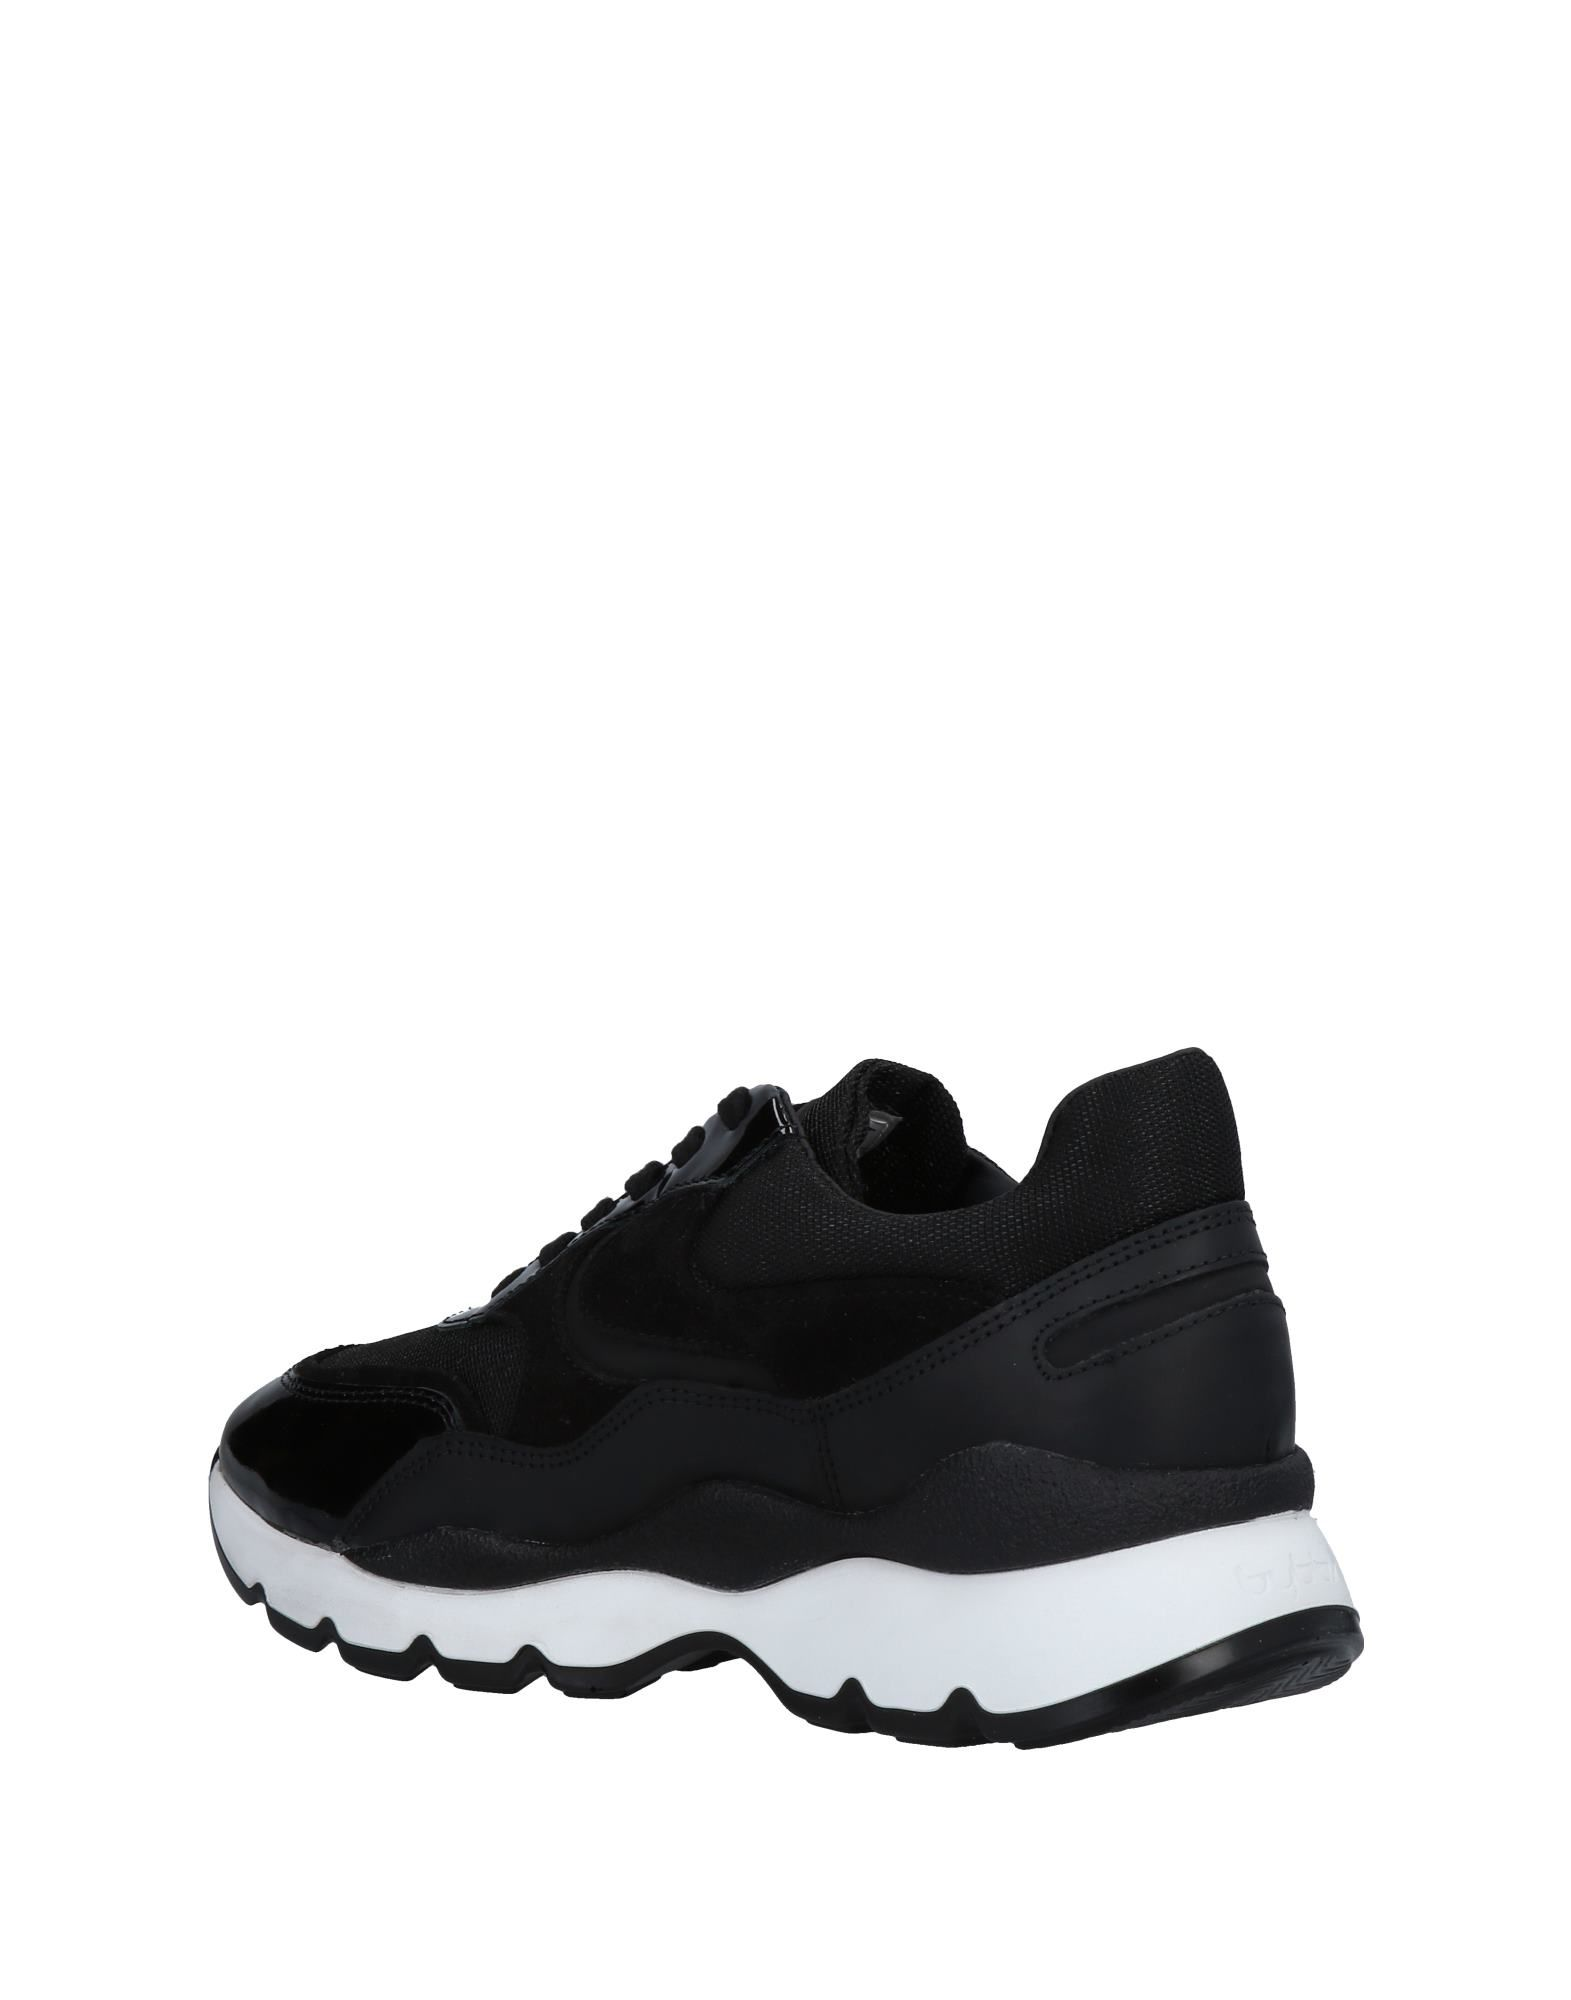 Byblos Sneakers Sneakers Byblos Herren  11485008AK 37a56e